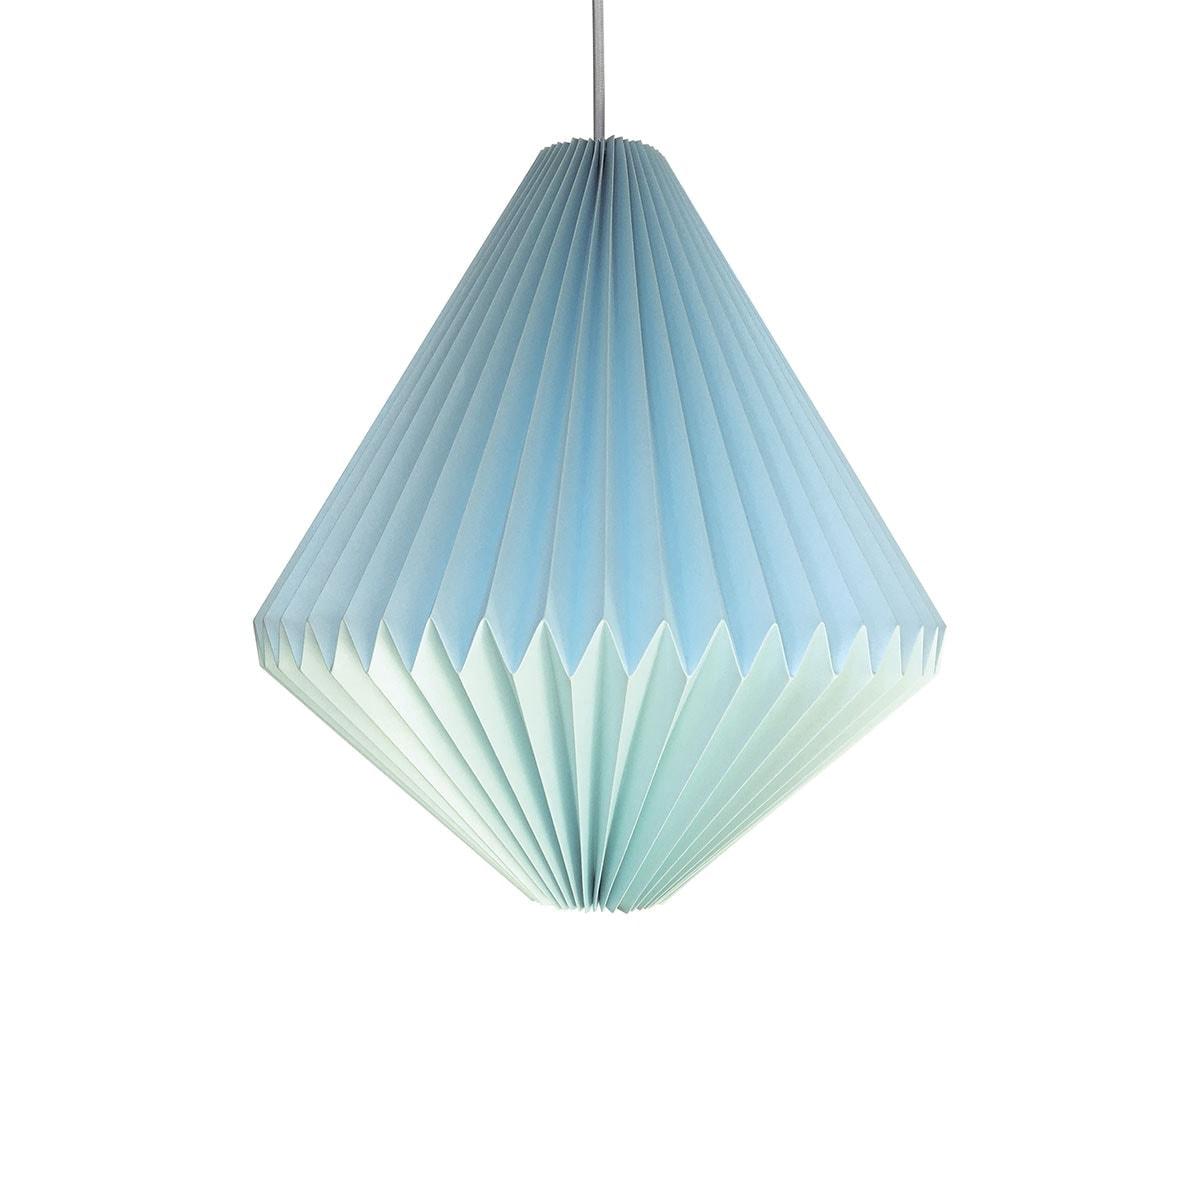 luminária pendente de papel Iluminoo - modelo Balão Água Marinha